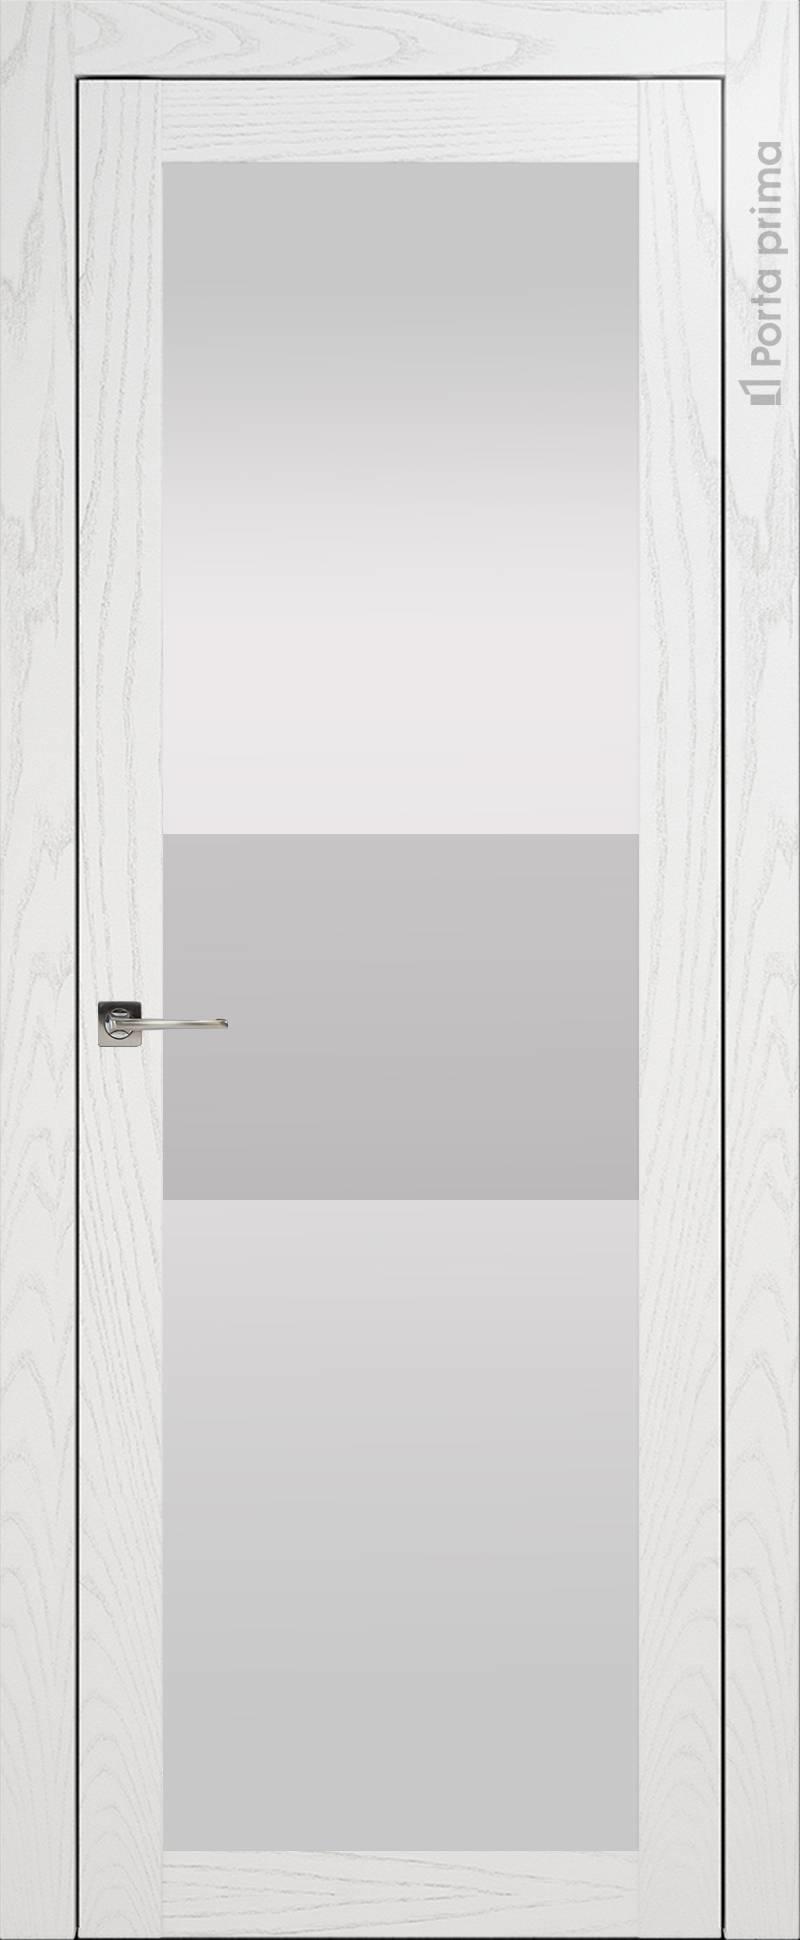 Tivoli З-4 цвет - Белый ясень (шпон) Со стеклом (ДО)